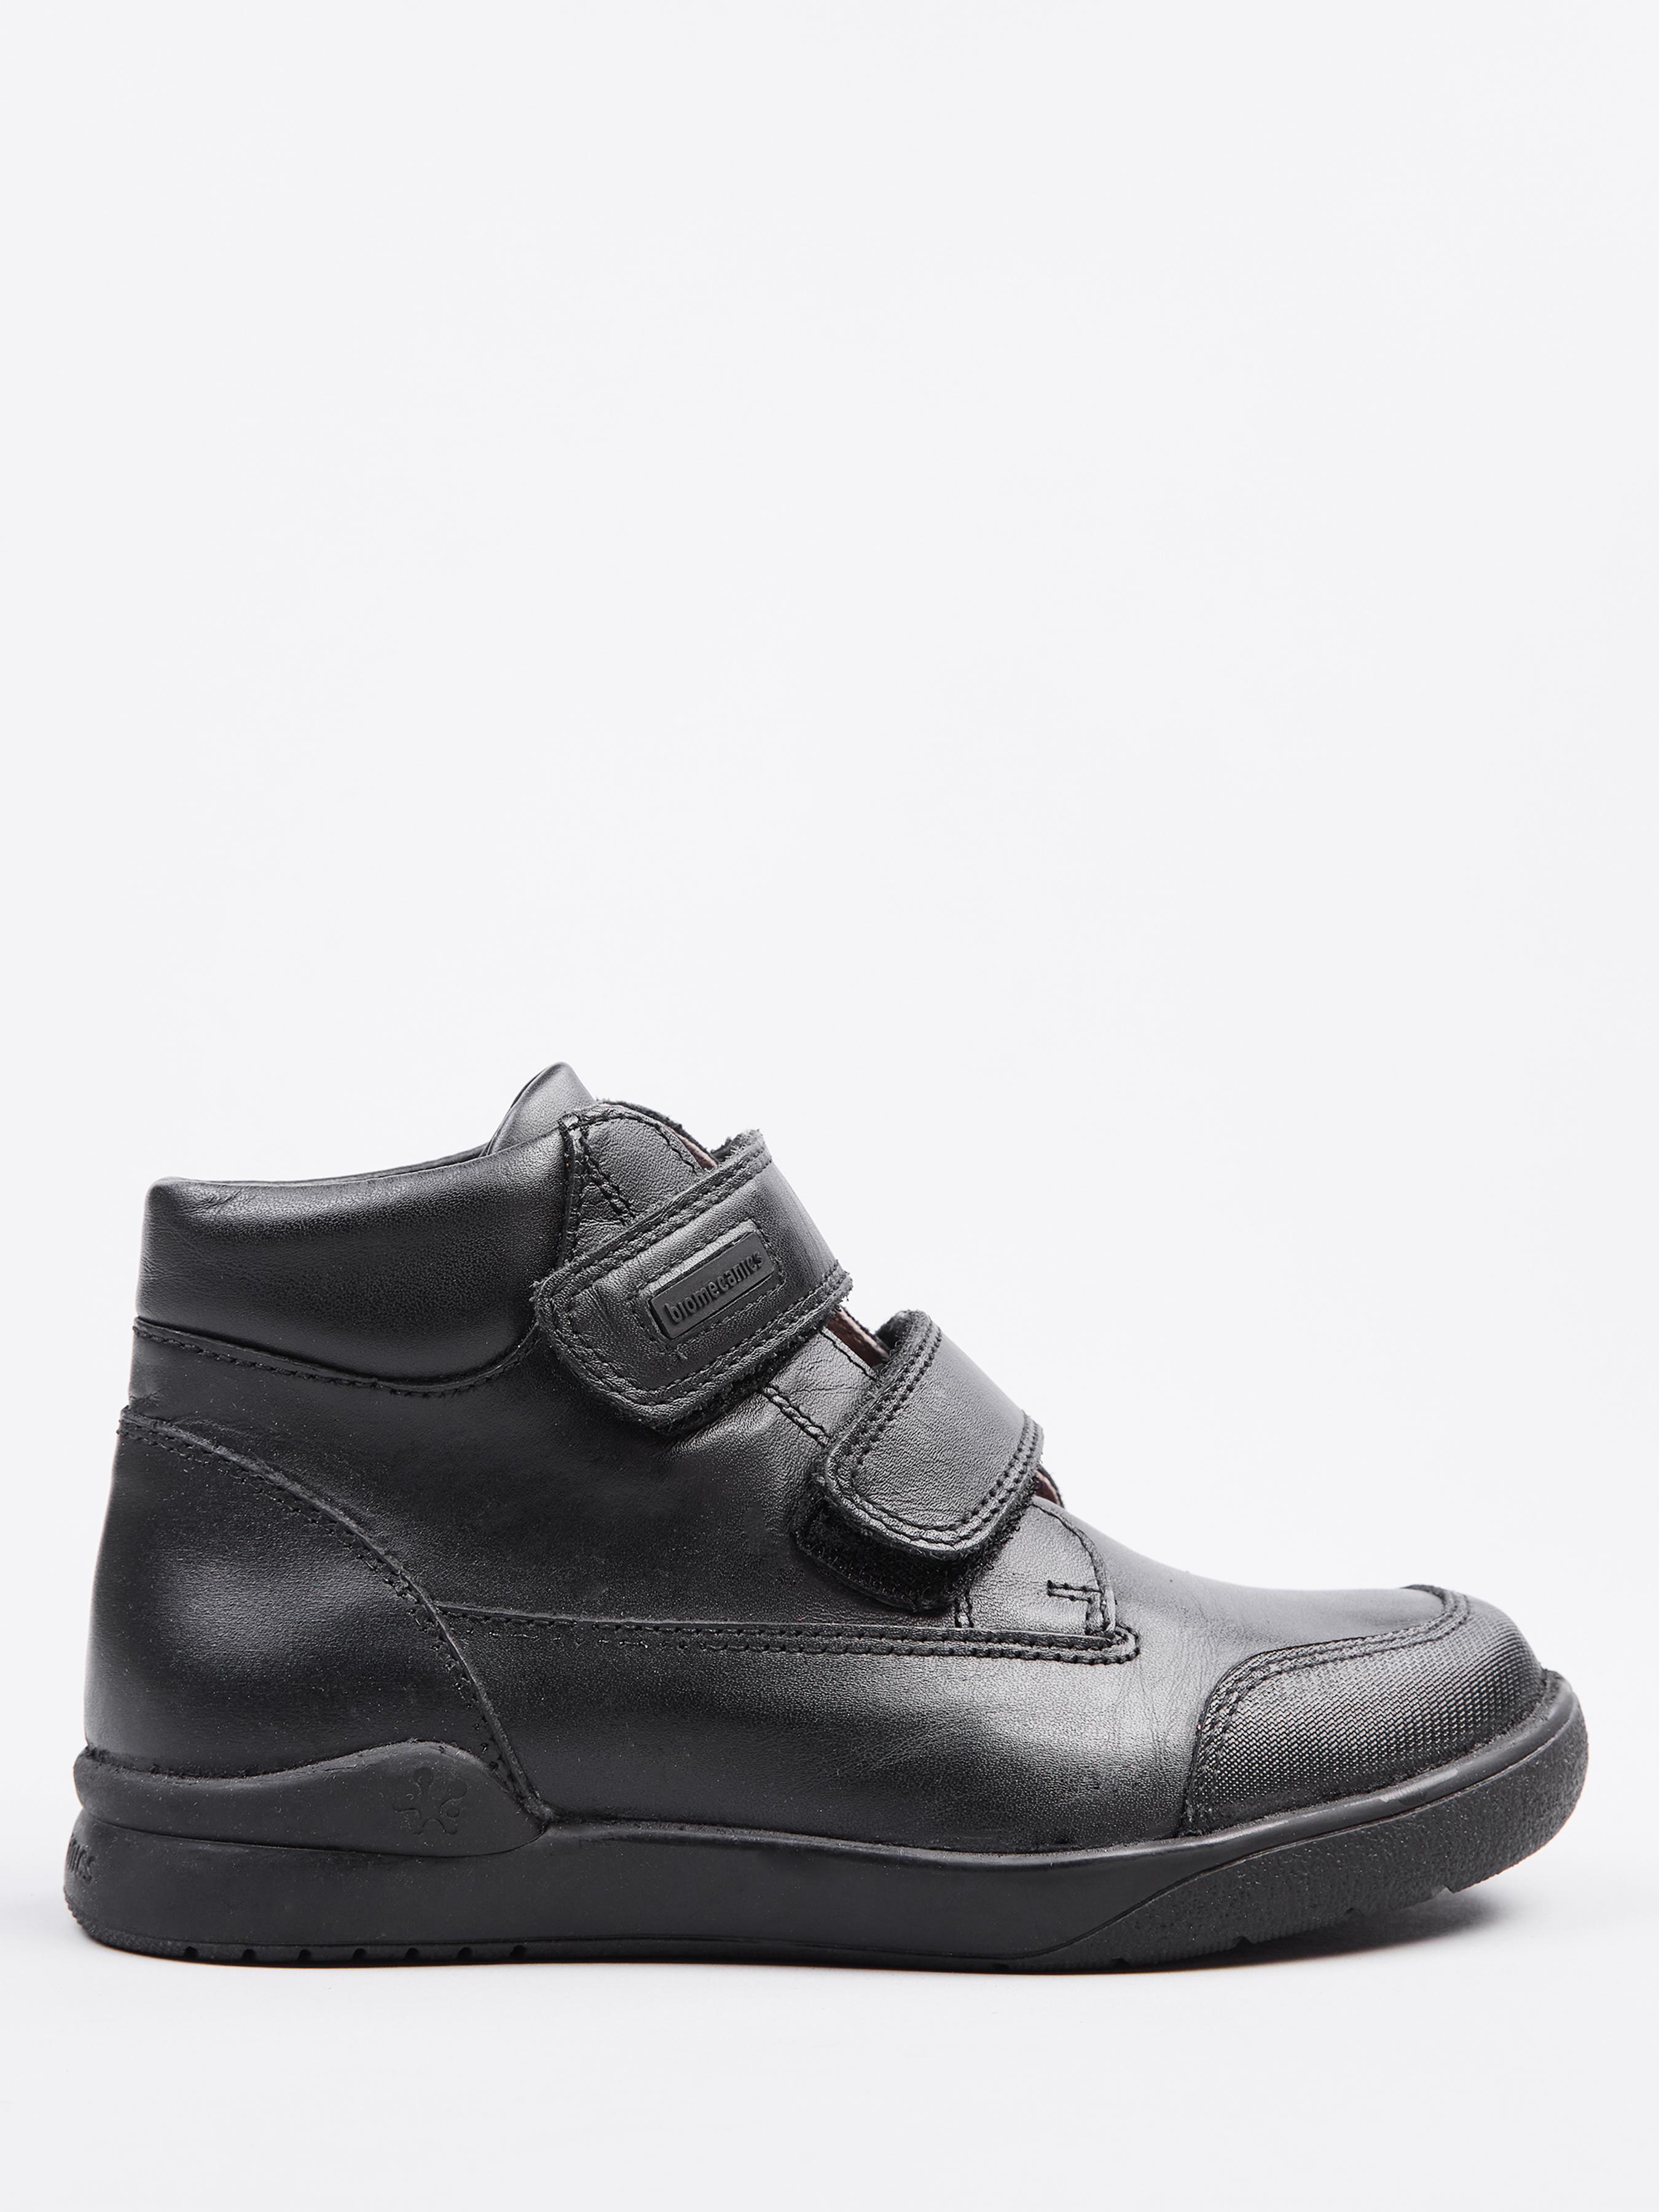 Купить Ботинки для детей Biomecanics Blai YX71, Черный